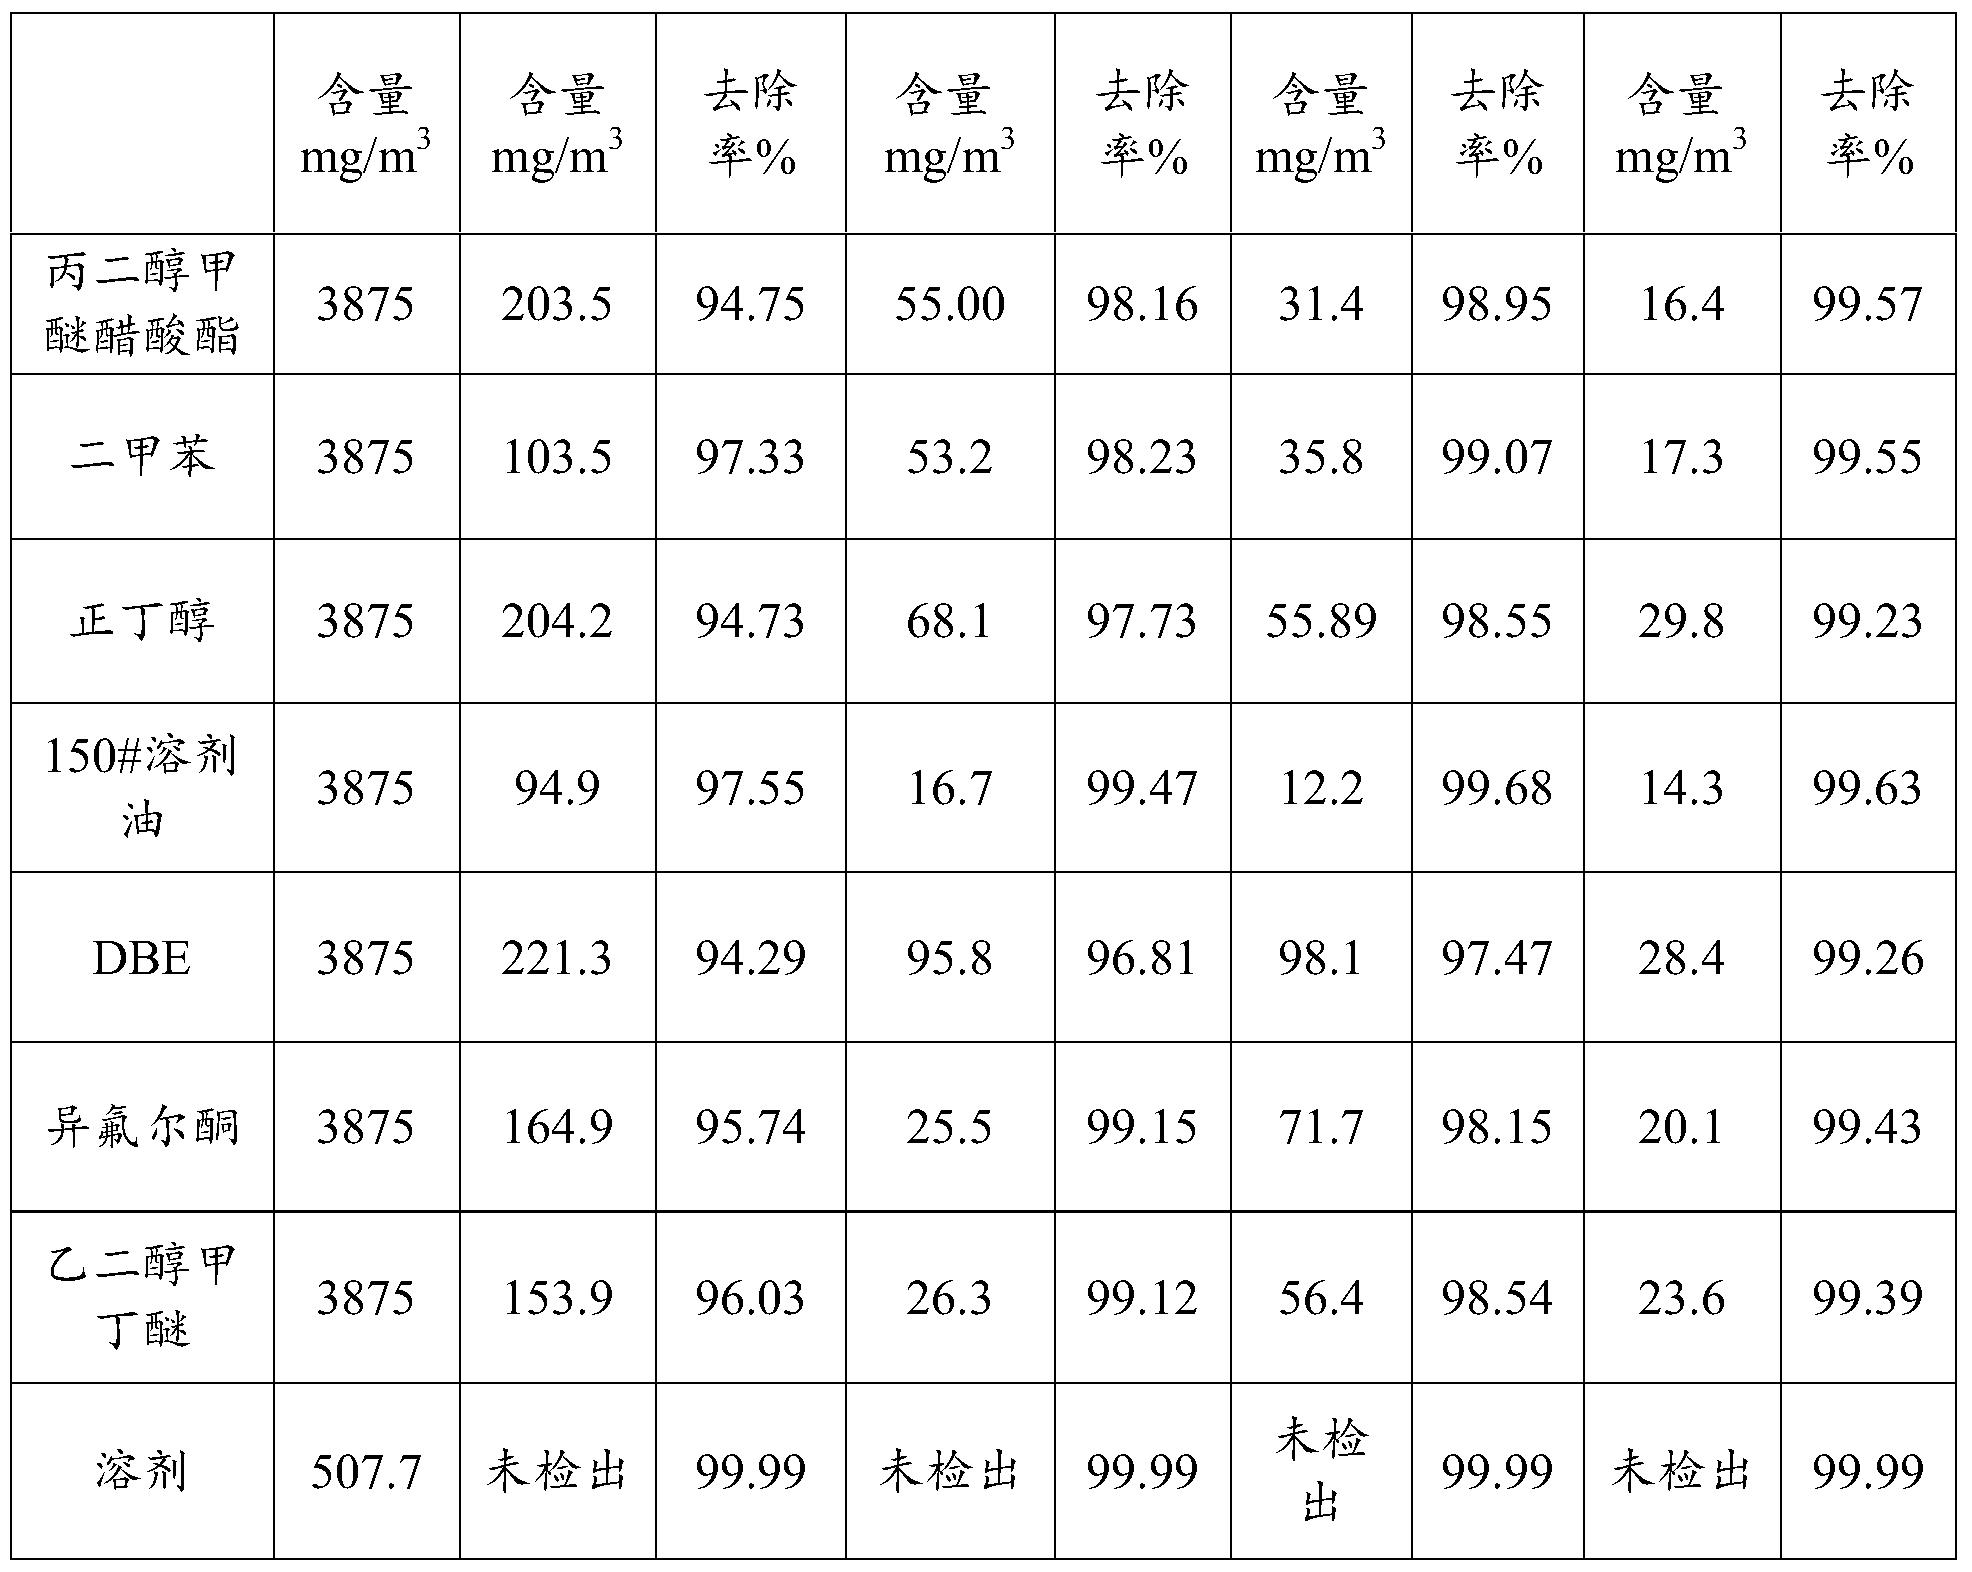 Figure PCTCN2015081356-appb-000006